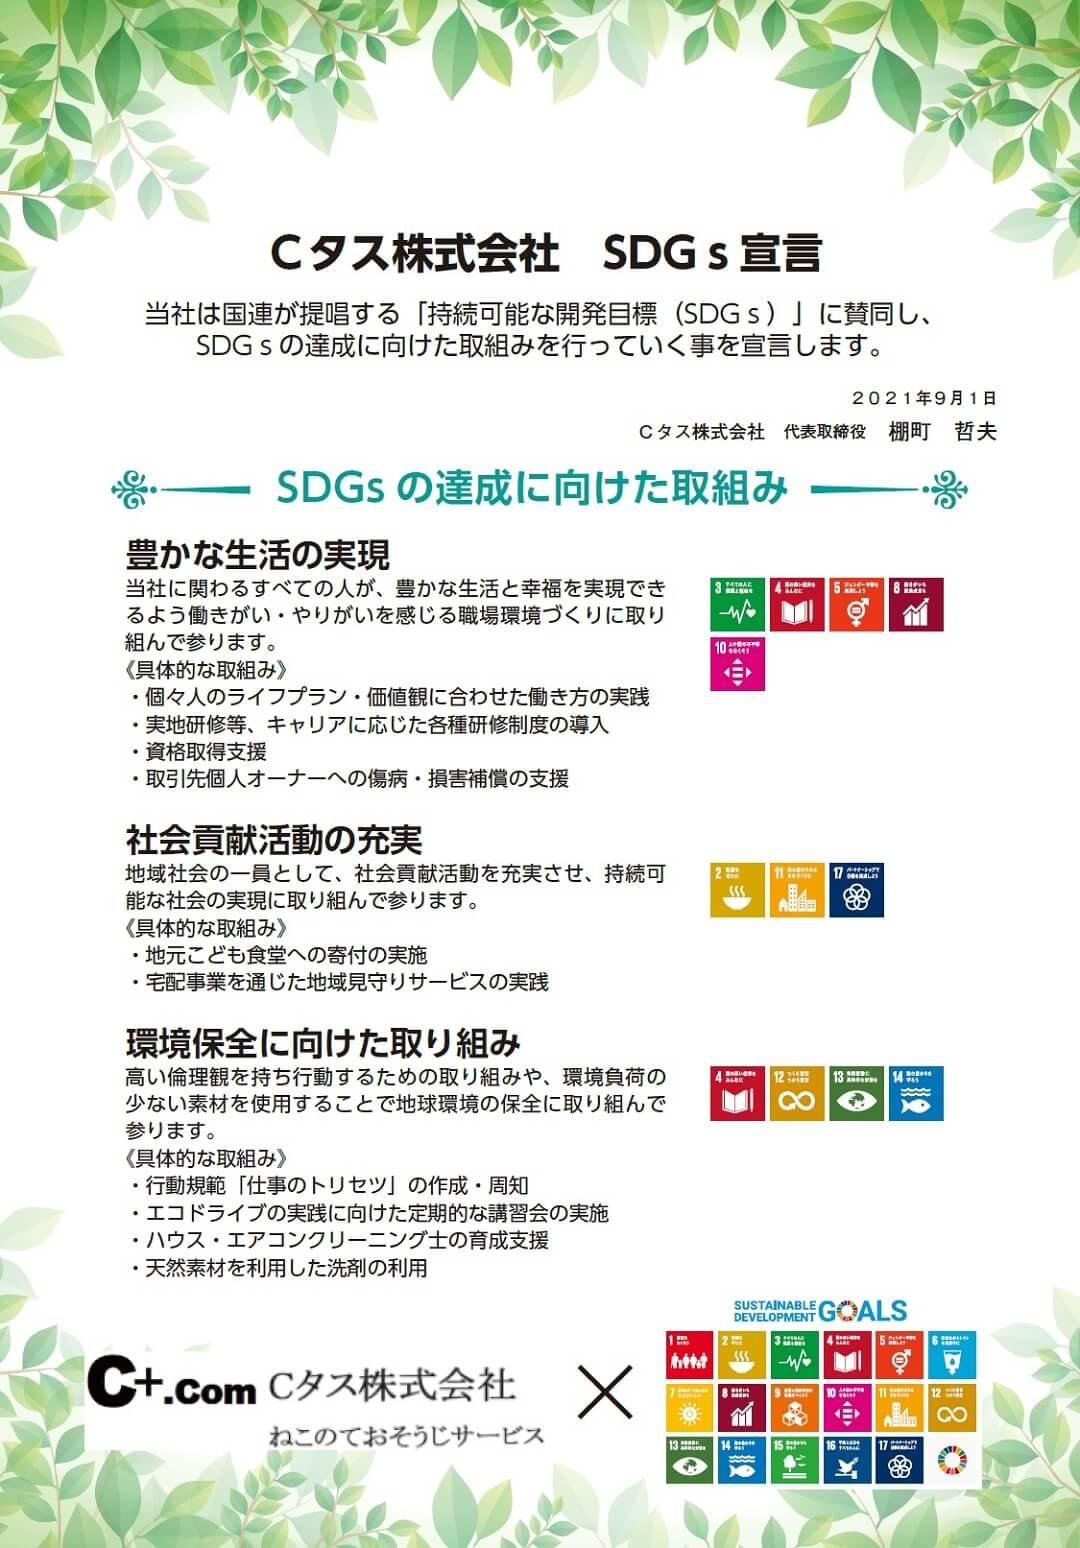 Cタス株式会社 SDGs宣言